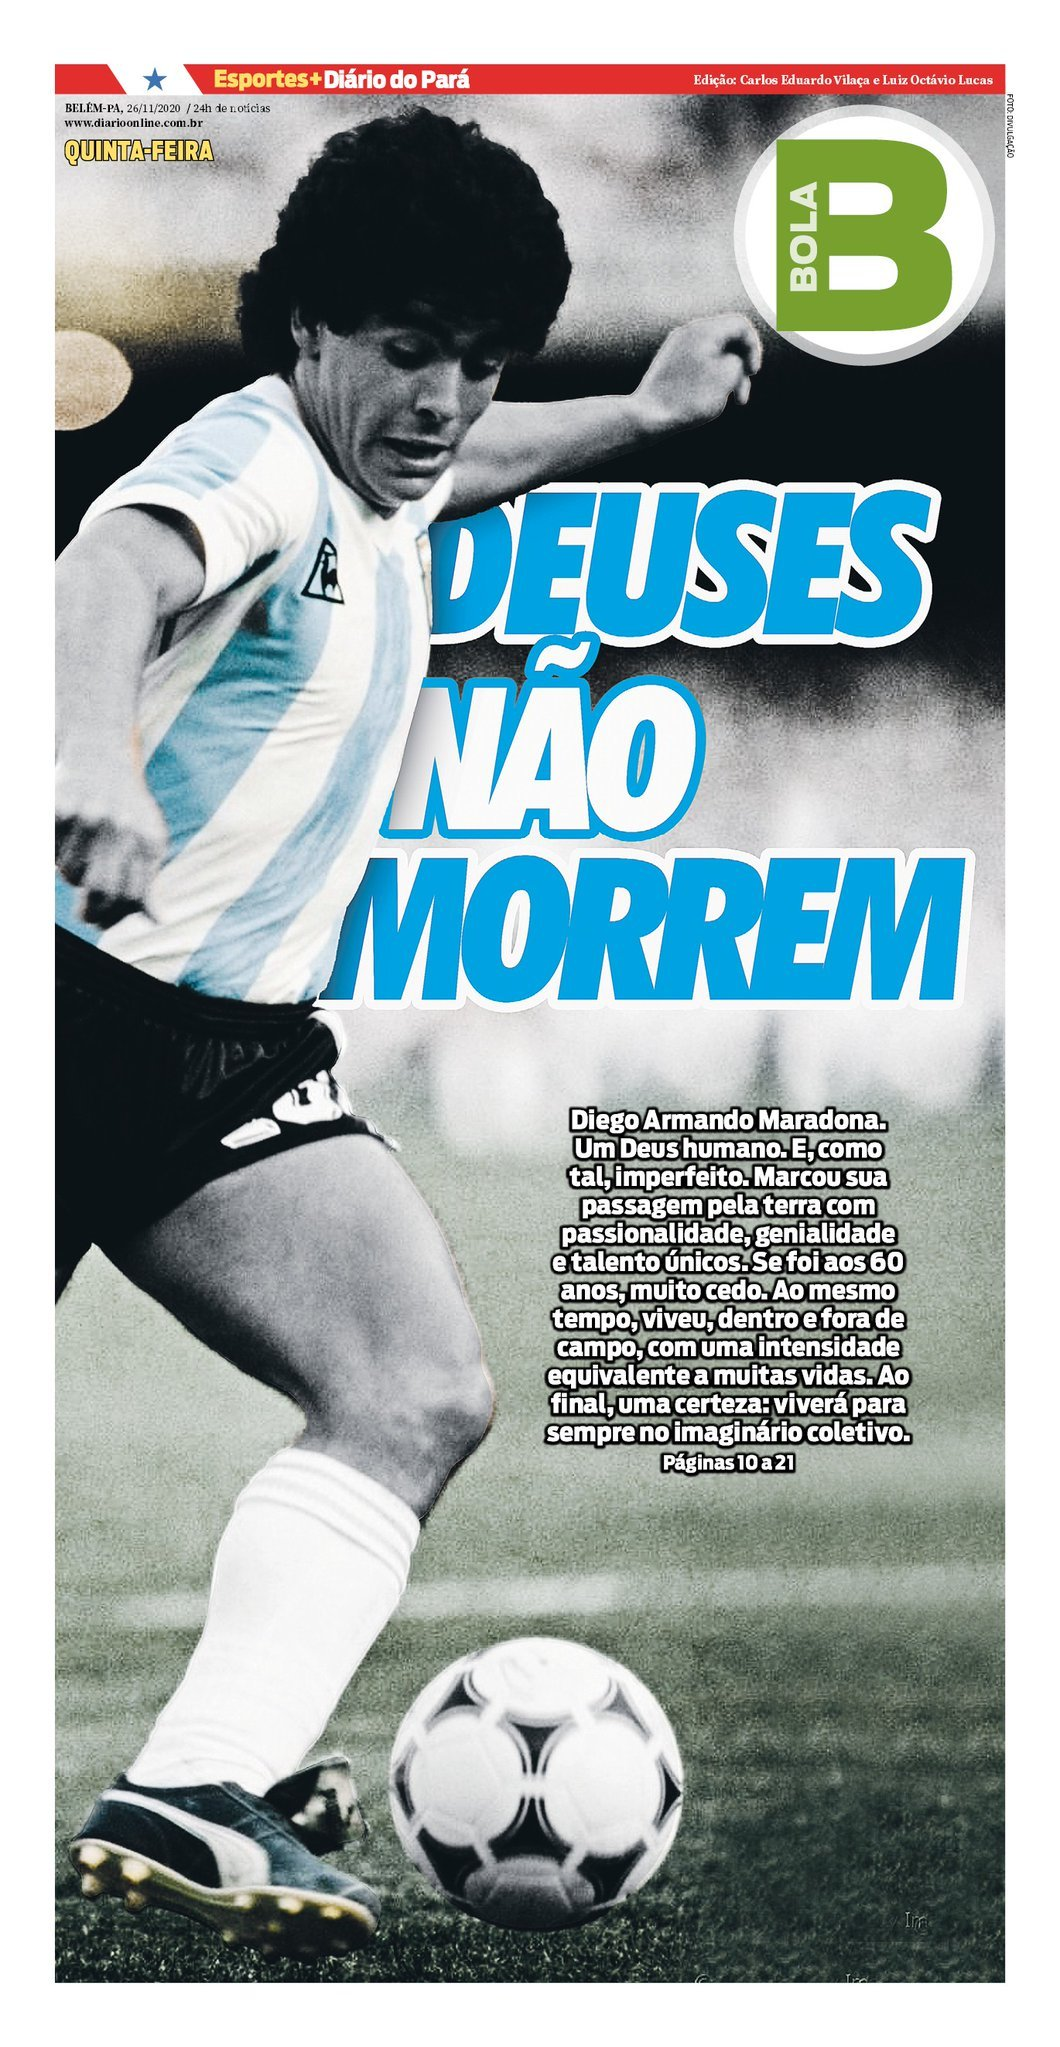 Fallece Diego Armando Maradona al sufrir un paro cardíaco  16063862290030